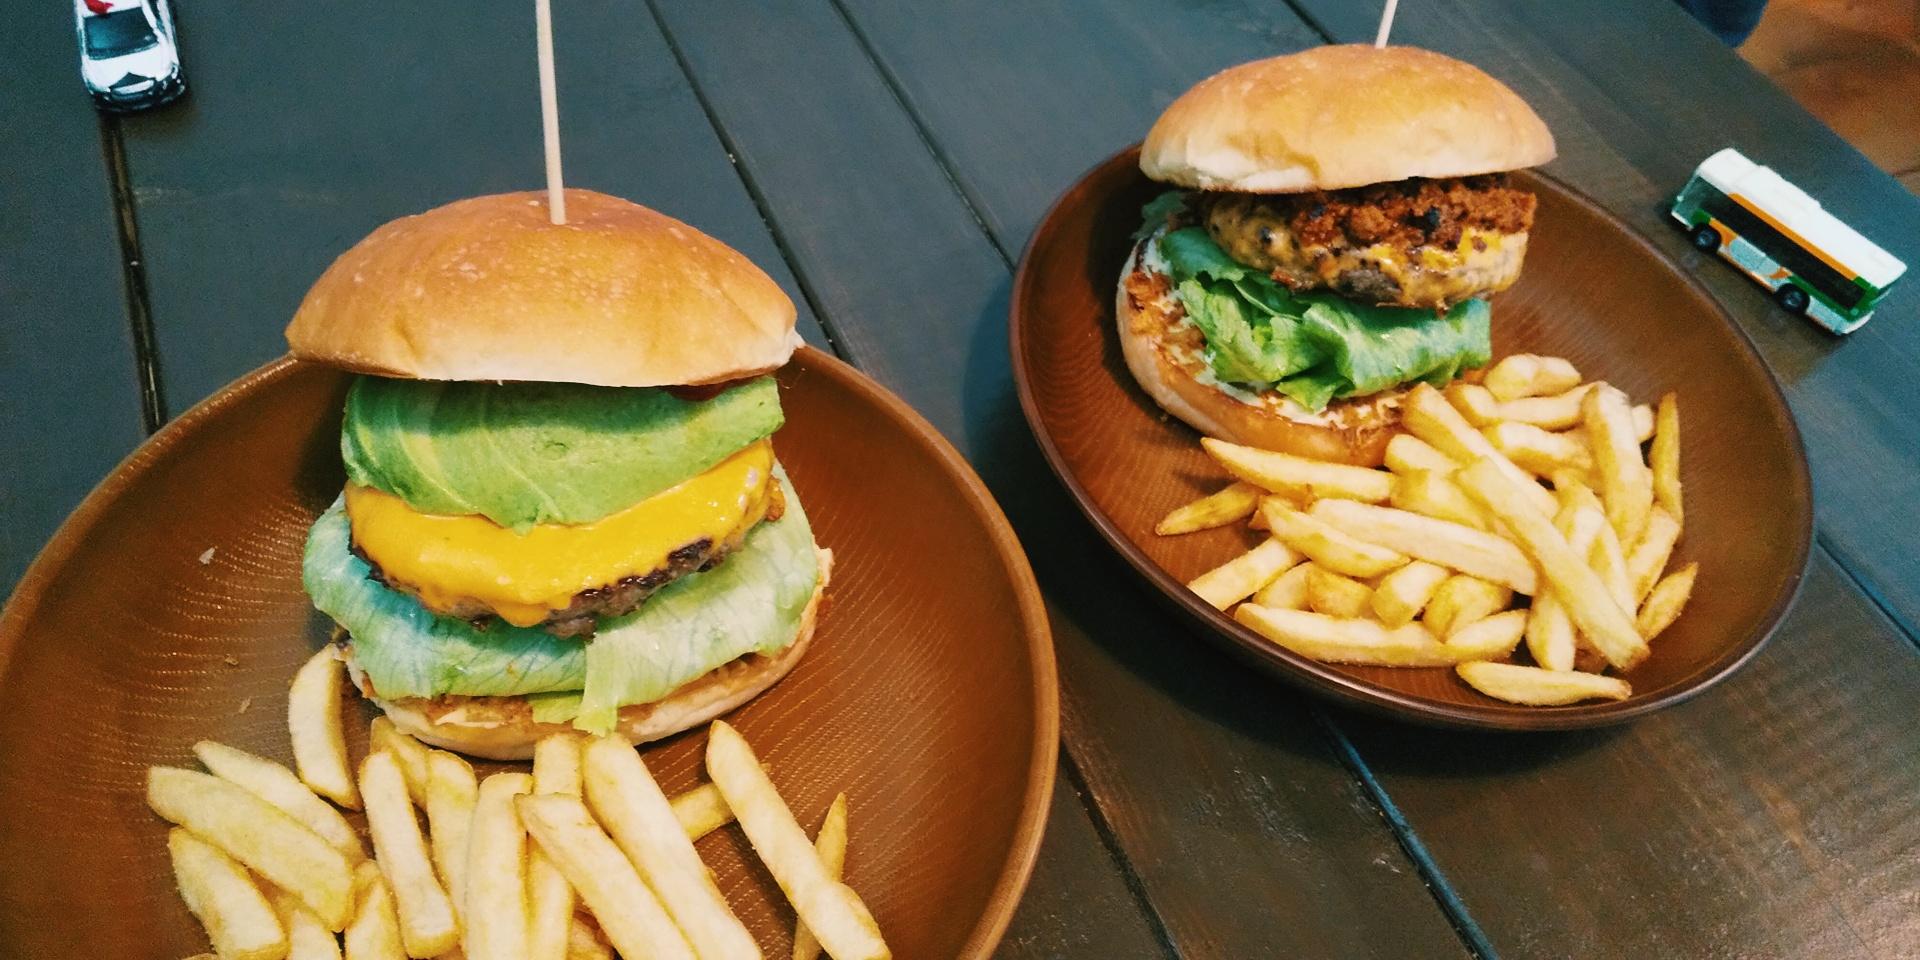 【神奈川、茅ヶ崎にあるおすすめハンバーガー店】SUBURBAN GRILL 味も価格もに100点満点!!_2